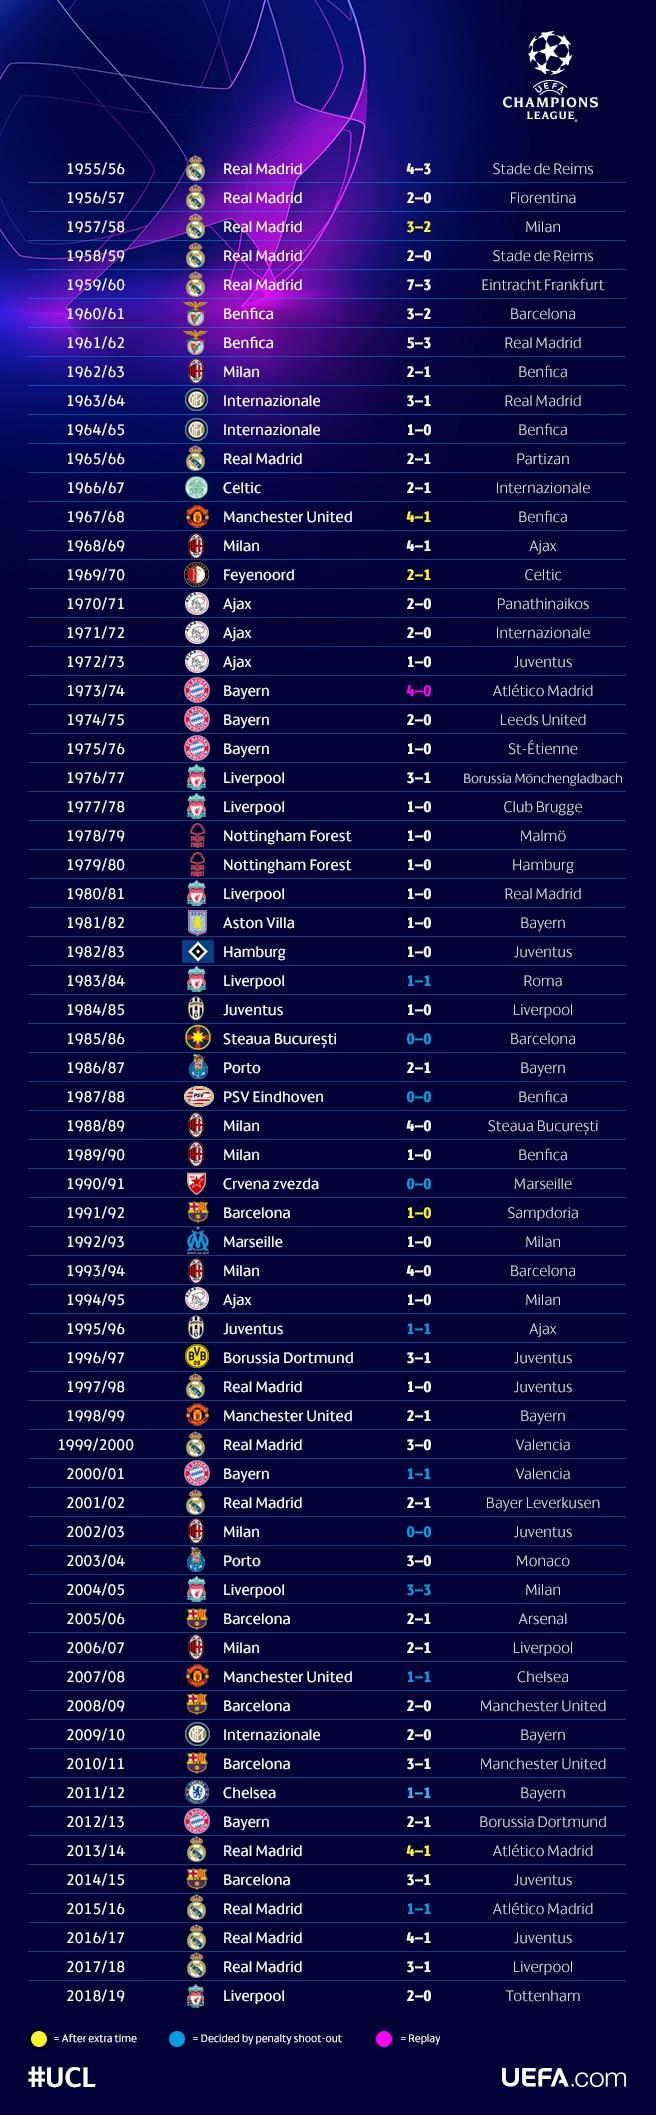 Все чемпионы лиги чемпионов по футболу за всю историю таблица [PUNIQRANDLINE-(au-dating-names.txt) 21